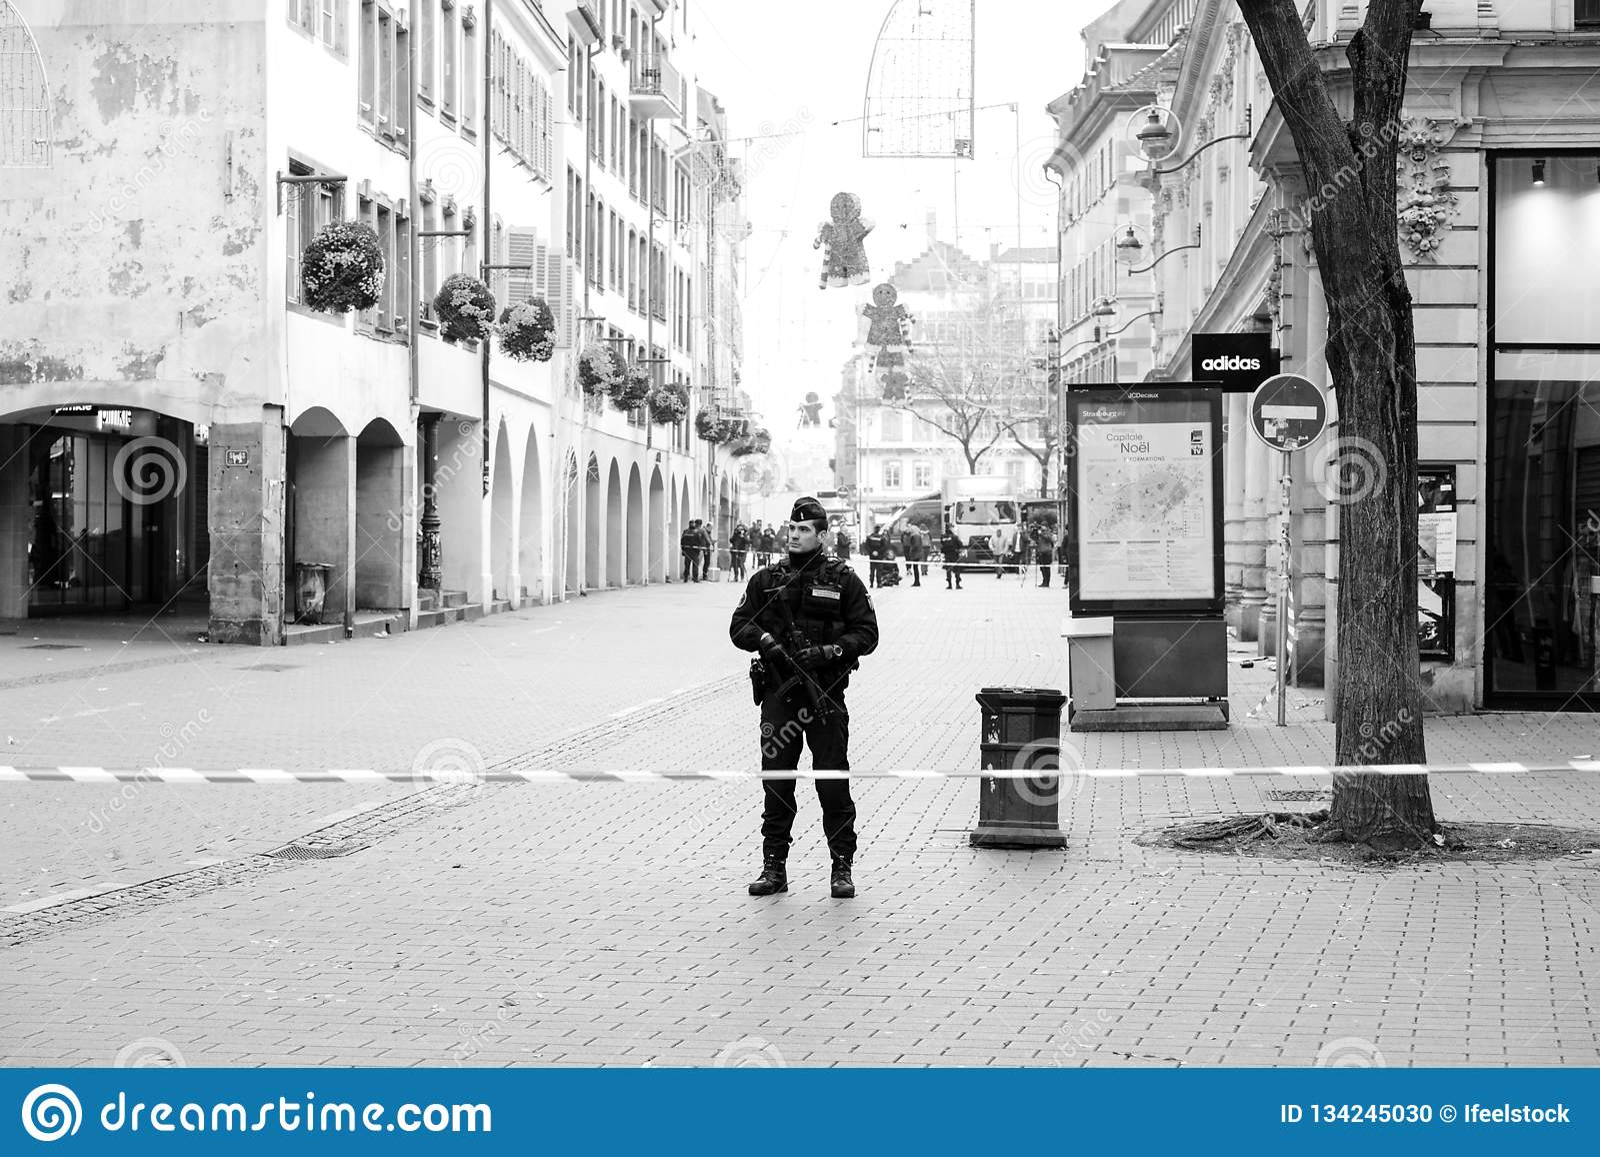 Policier surveilling le meurtre de Strasbourg par zone de terroriste